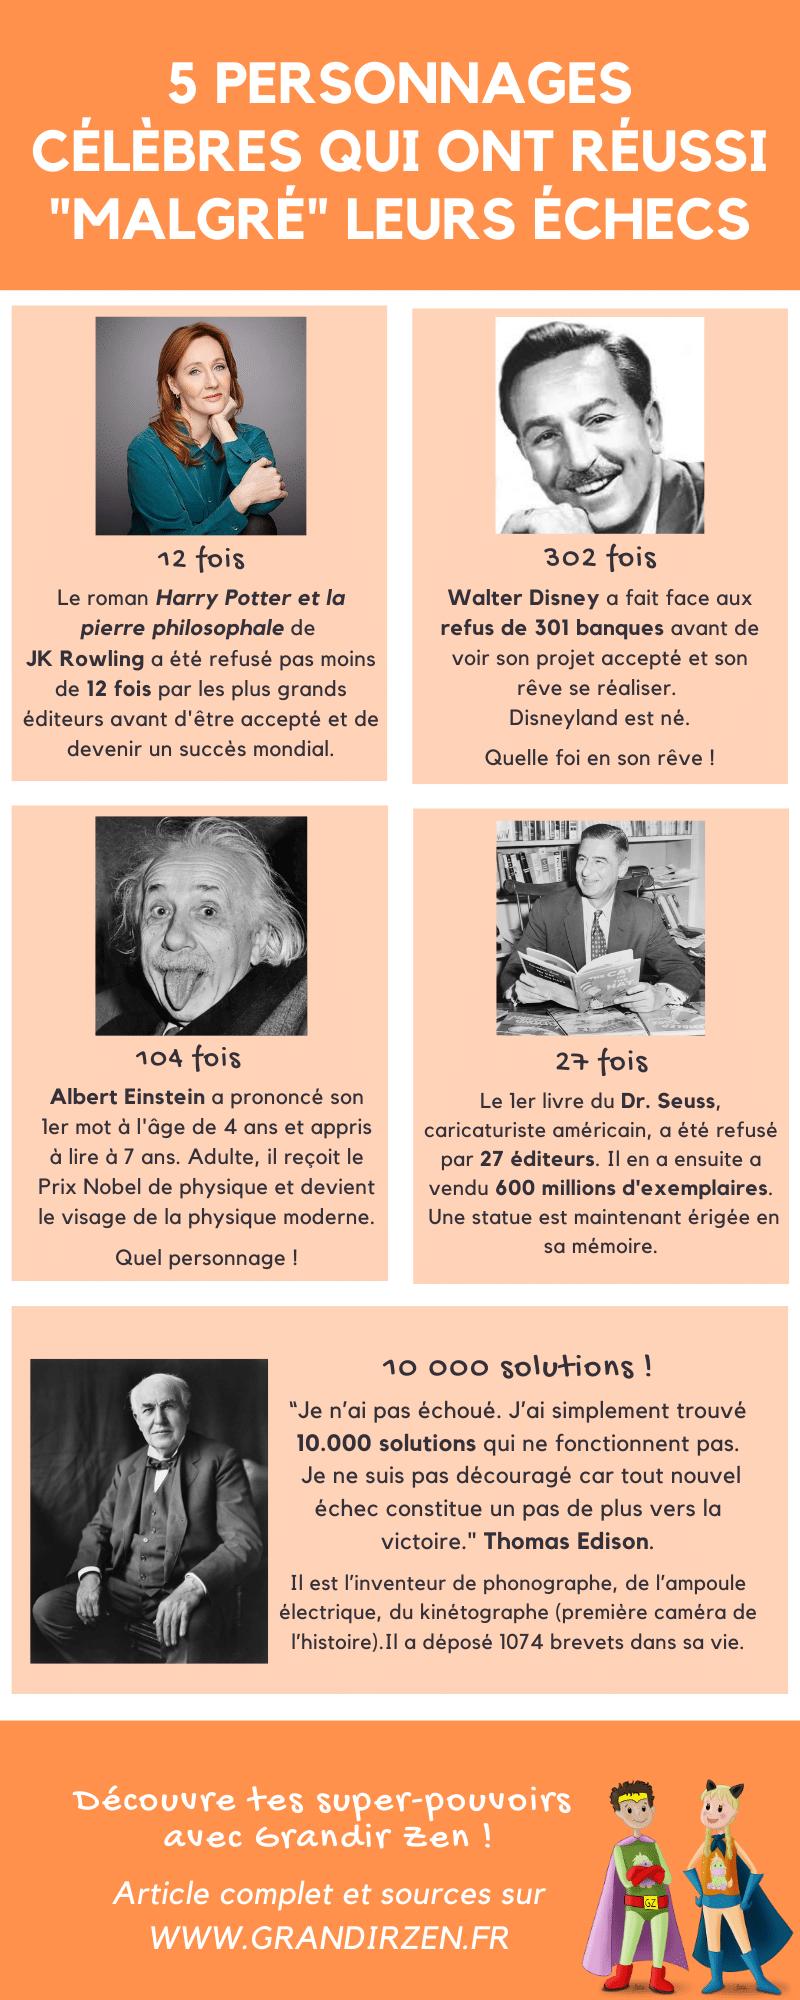 5 personnages inspirant et célèbres qui ont réussi malgré les échecs. Ou plutôt GRACE à leurs échecs non ?